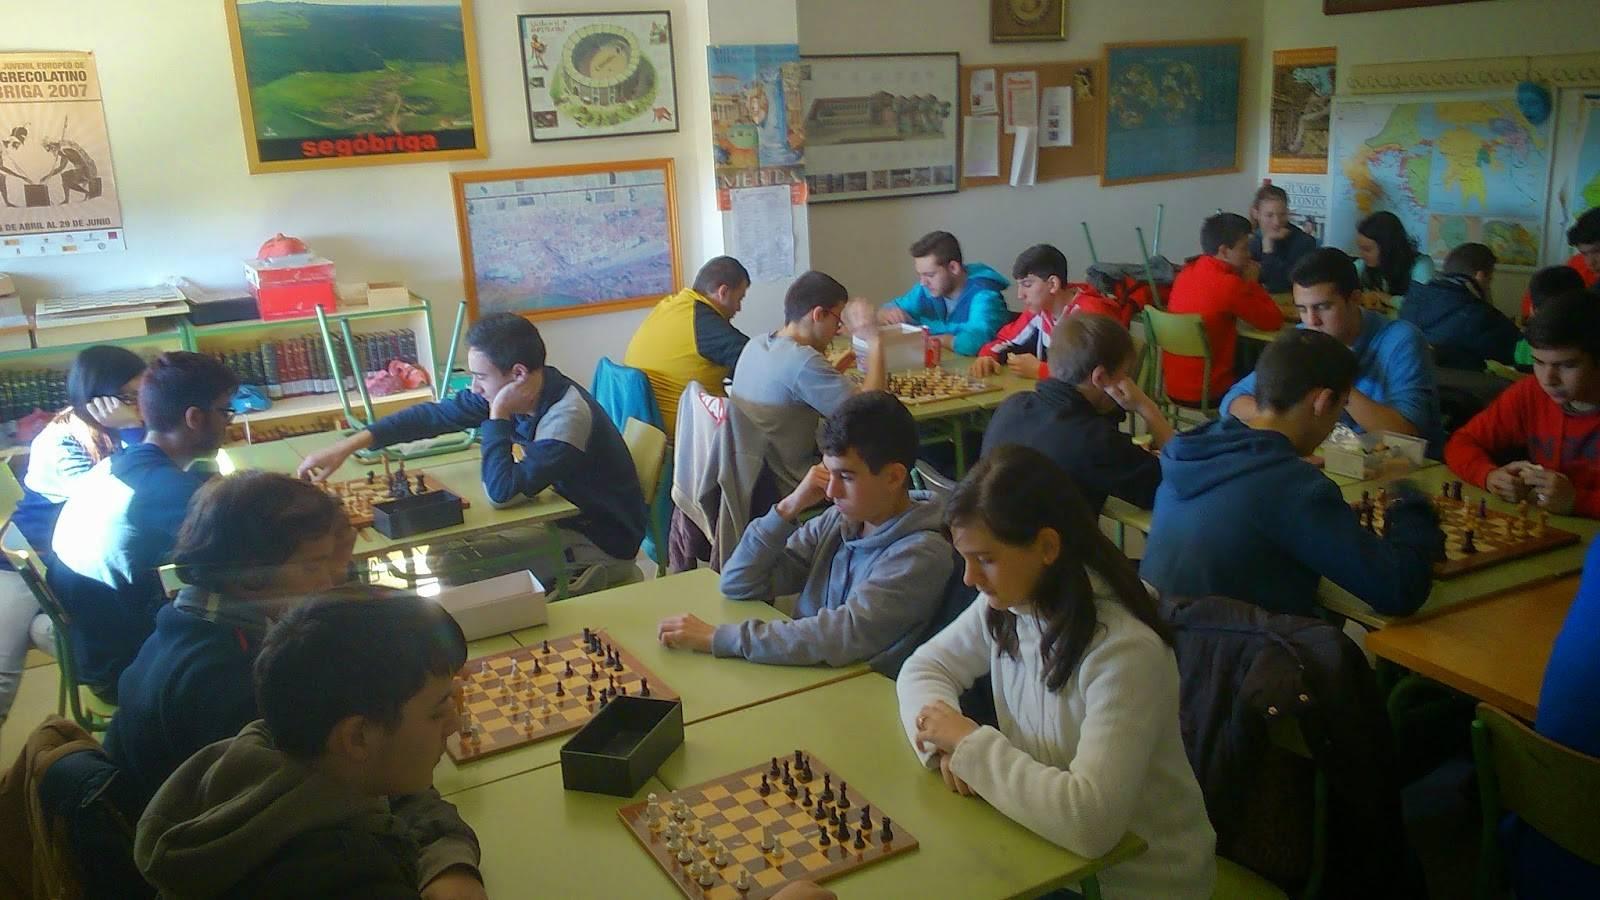 I Campeonato de ajedrez Anthropos1 - Ánthropos está organizando su I Campeonato de Ajedrez en el IES Hermógenes Rodríguez